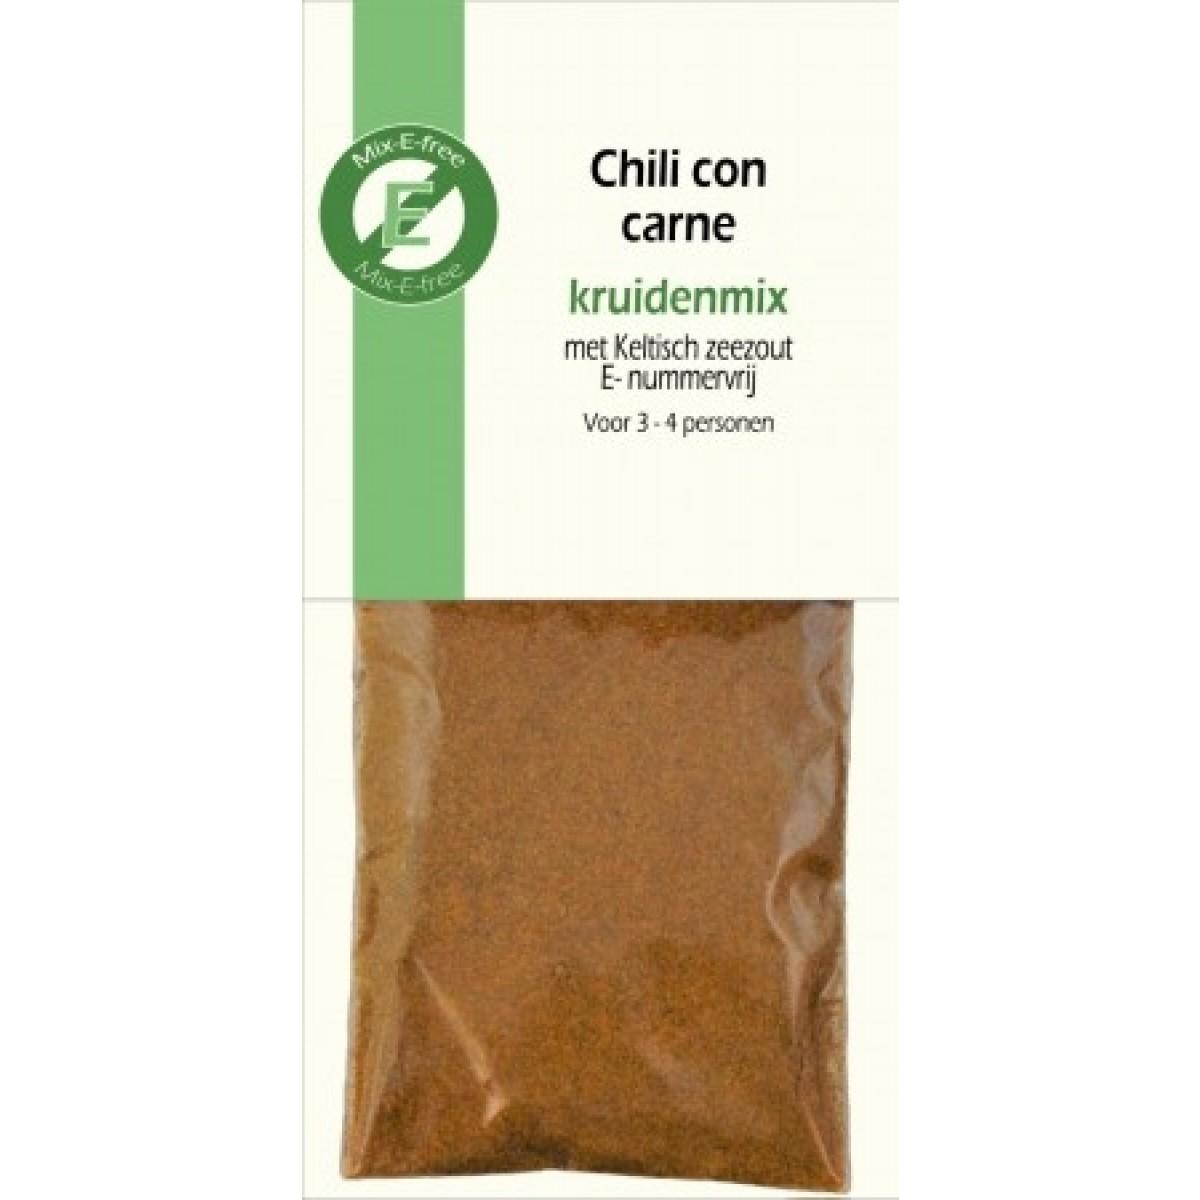 Kruidenmix Chili Con Carne